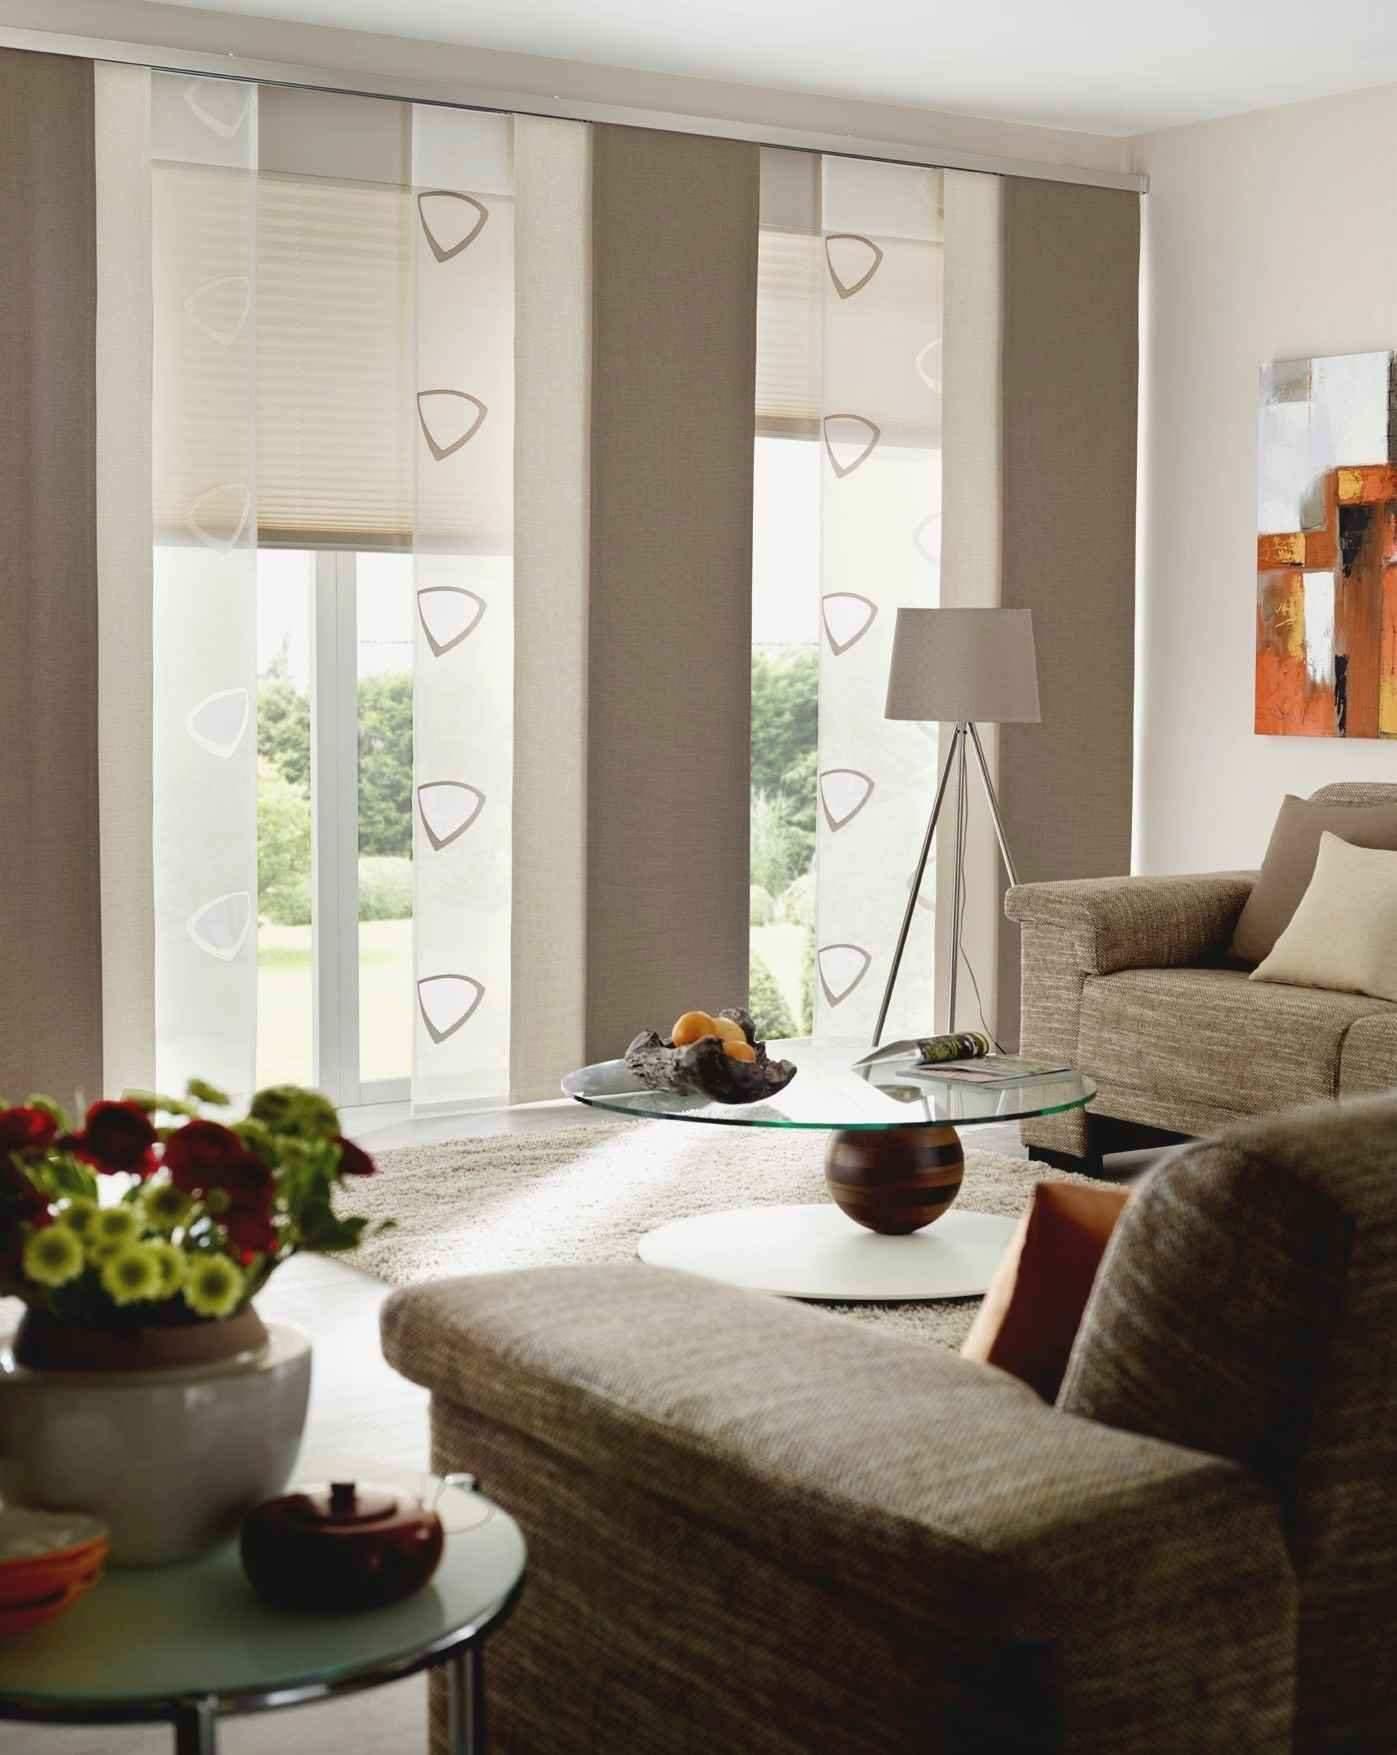 Full Size of Moderne Gardinen Wohnzimmer Fr Inspirierend 50 Oben Von Teppich Beleuchtung Decke Deckenleuchten Landhausstil Hängeschrank Anbauwand Vorhänge Deckenleuchte Wohnzimmer Moderne Gardinen Wohnzimmer